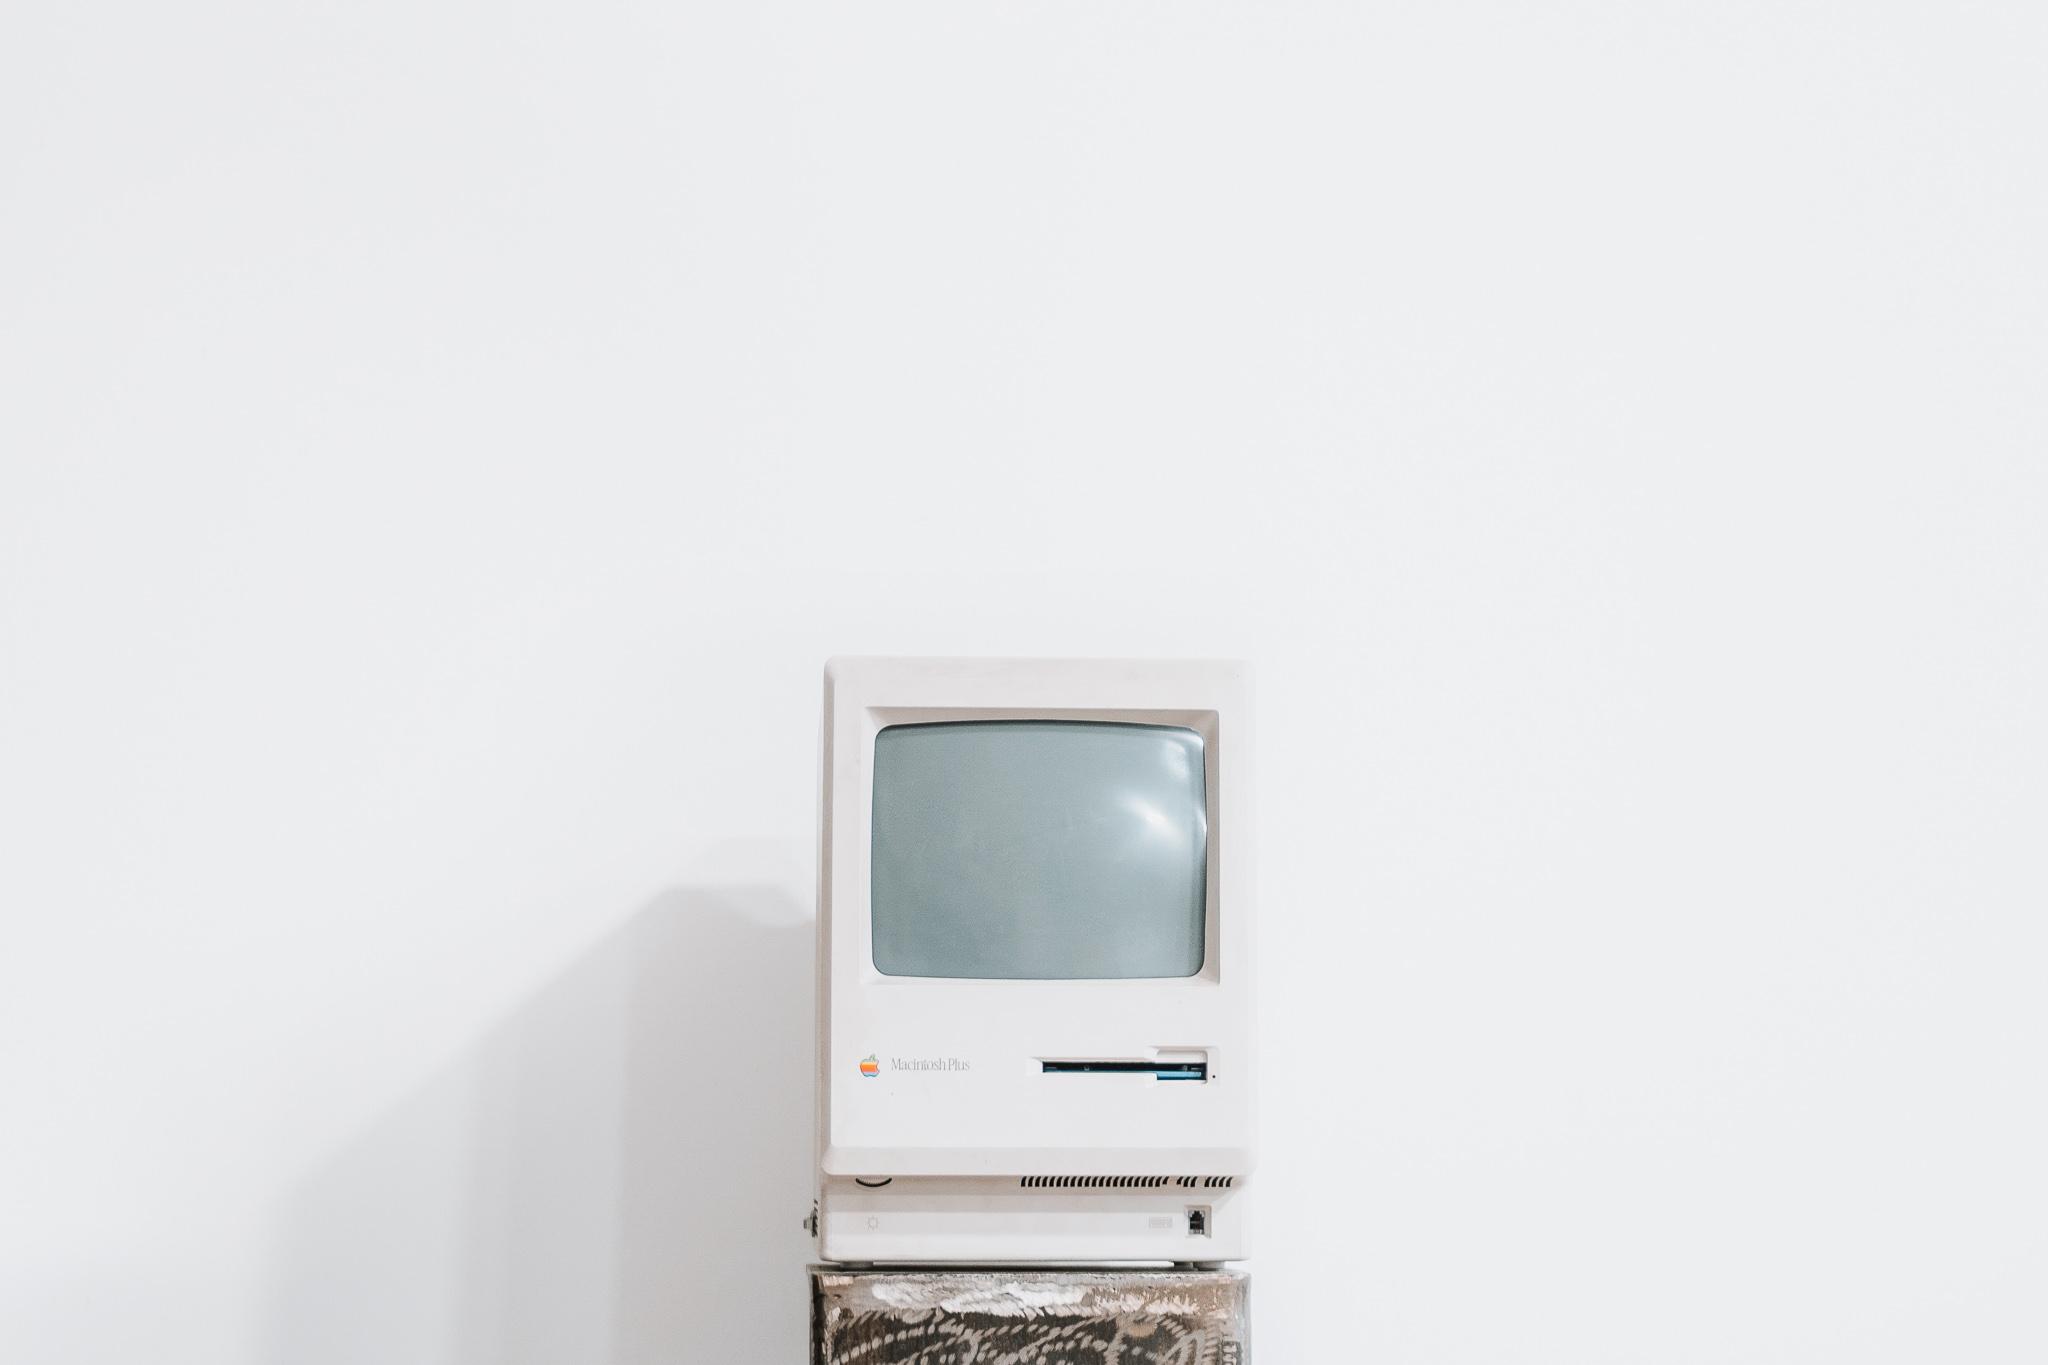 Vintage Apple computer.